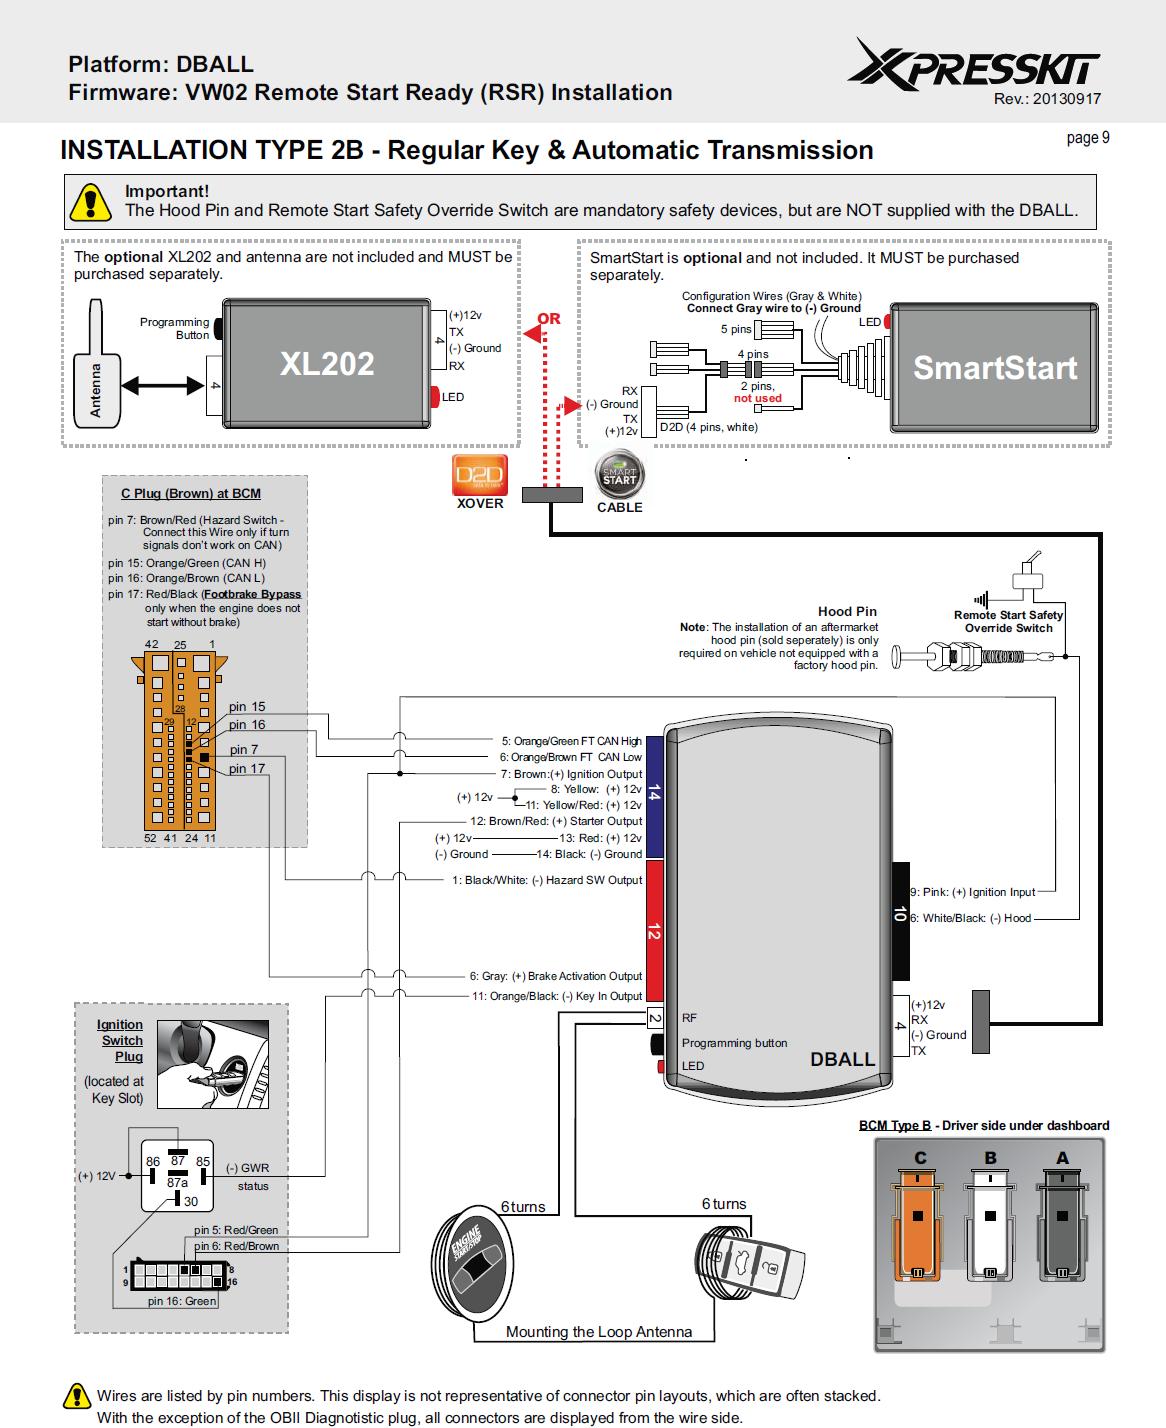 [DIAGRAM_4PO]  DM_9834] Viper Smart Start Wiring Diagram Schematic Wiring | Viper 5301 Wiring Diagram |  | Stap Mimig Aeocy Vesi Odga Gray Ophag Numap Mohammedshrine Librar Wiring 101